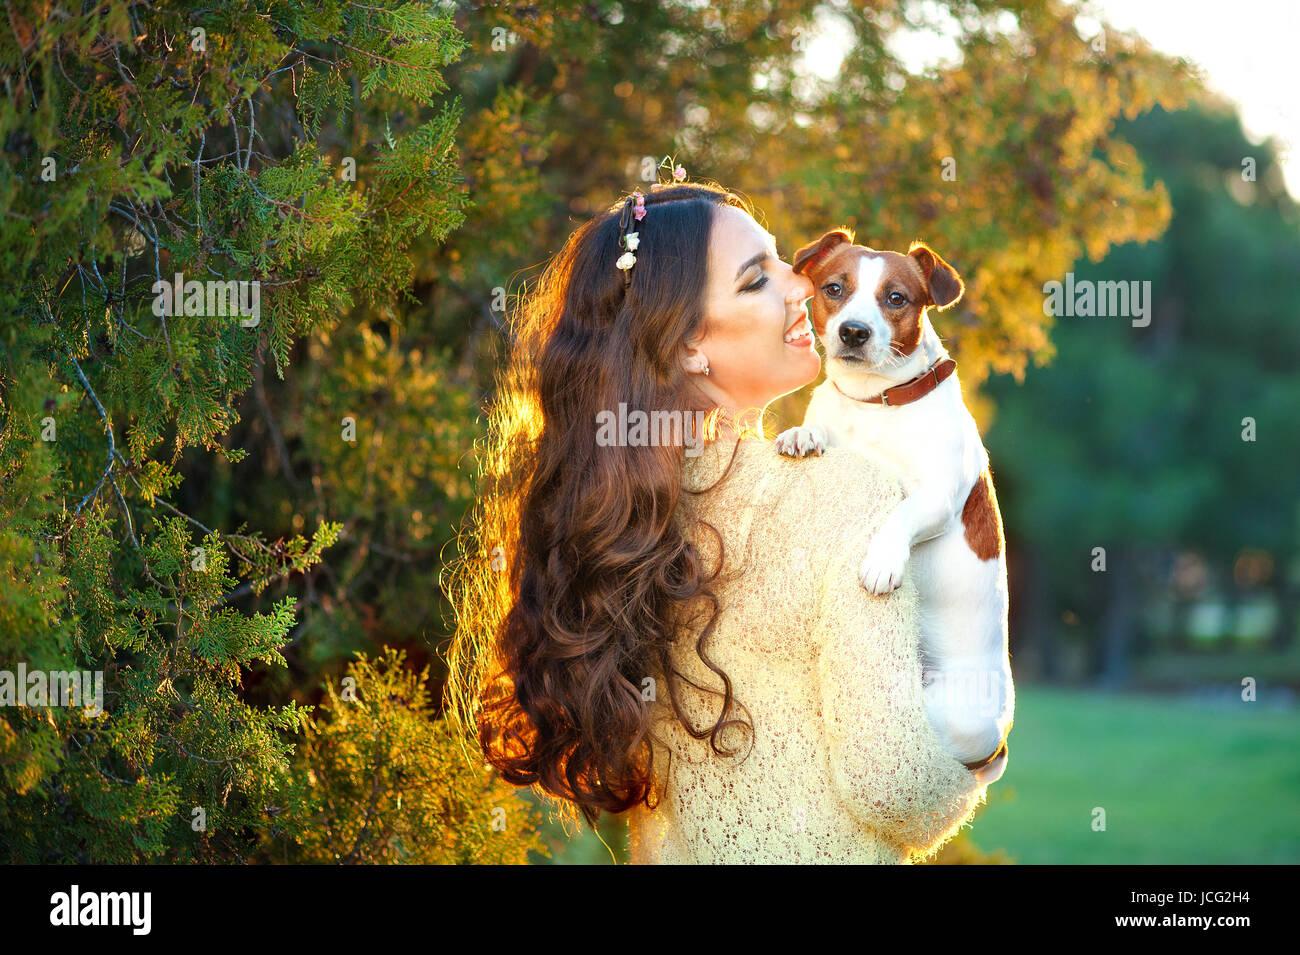 Belle femme jouant avec son chien Jack Russell Terrier. Portrait en extérieur de la série. Photo Stock